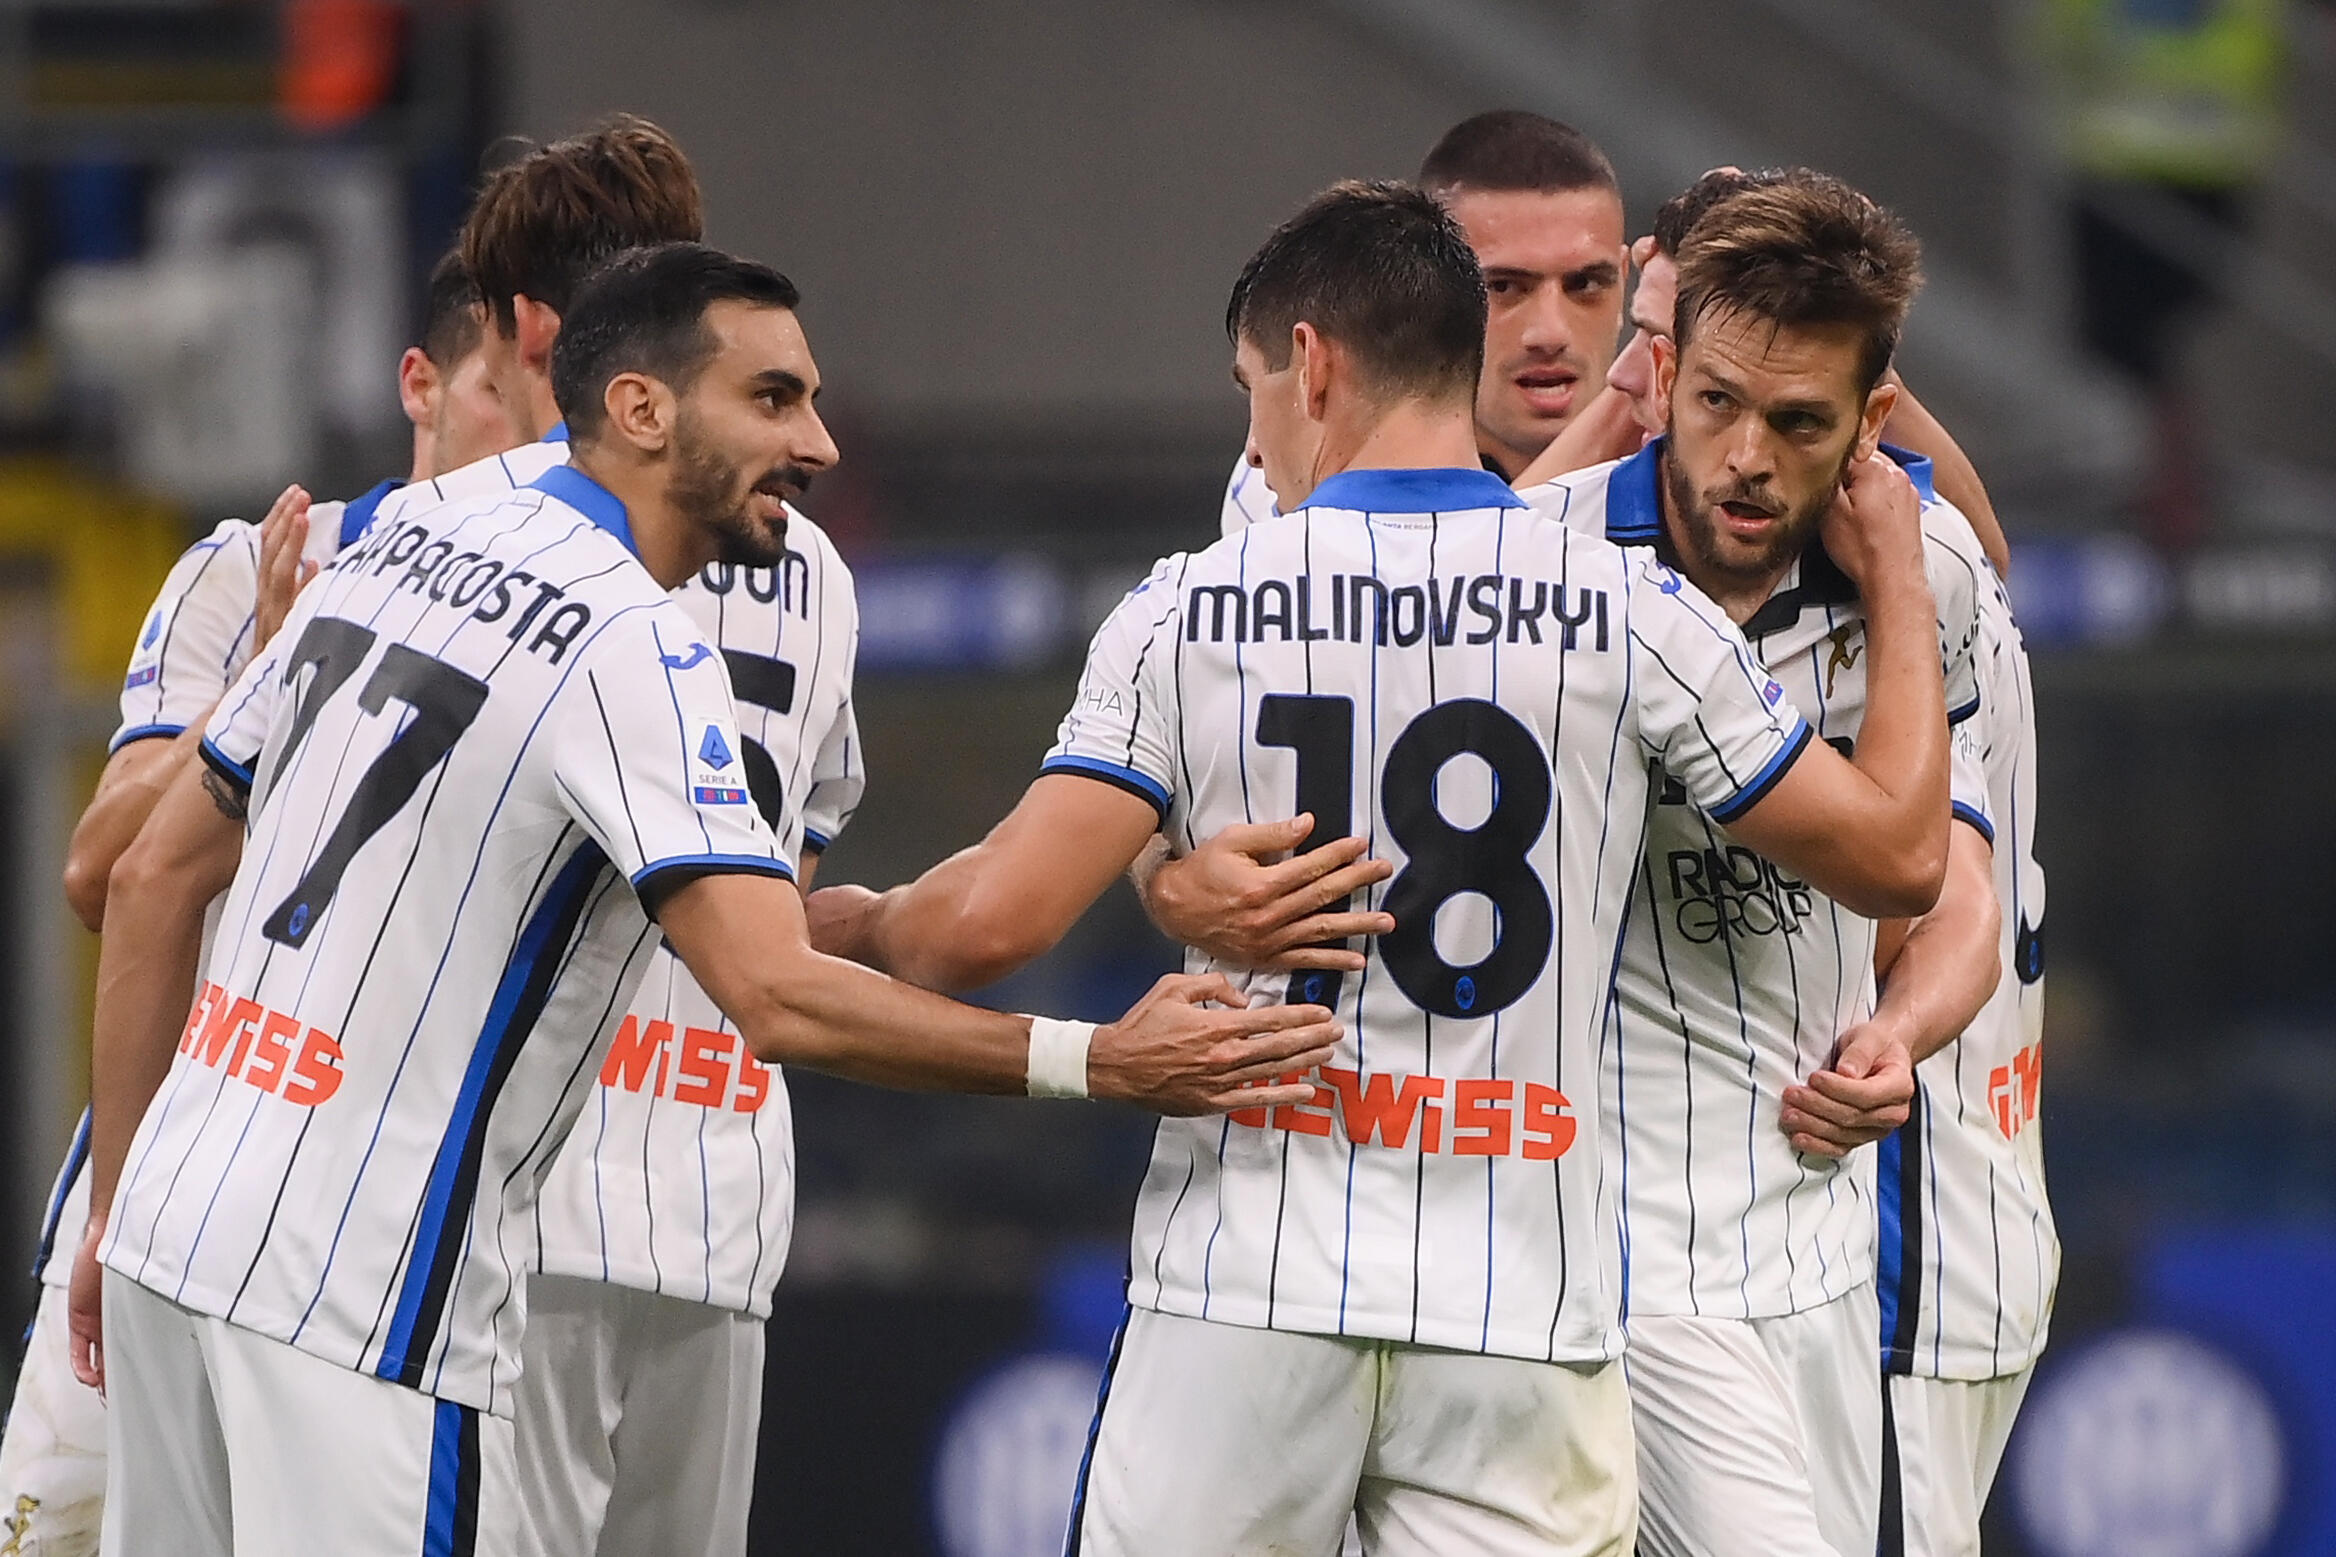 La gioia del difensore dell'Atalanta Bergamo Rafael Toloi (r), congratulato dai suoi compagni di squadra dopo il gol contro l'Inter, nella partita di Serie A, il 25 settembre 2021 allo Stadio San Siro